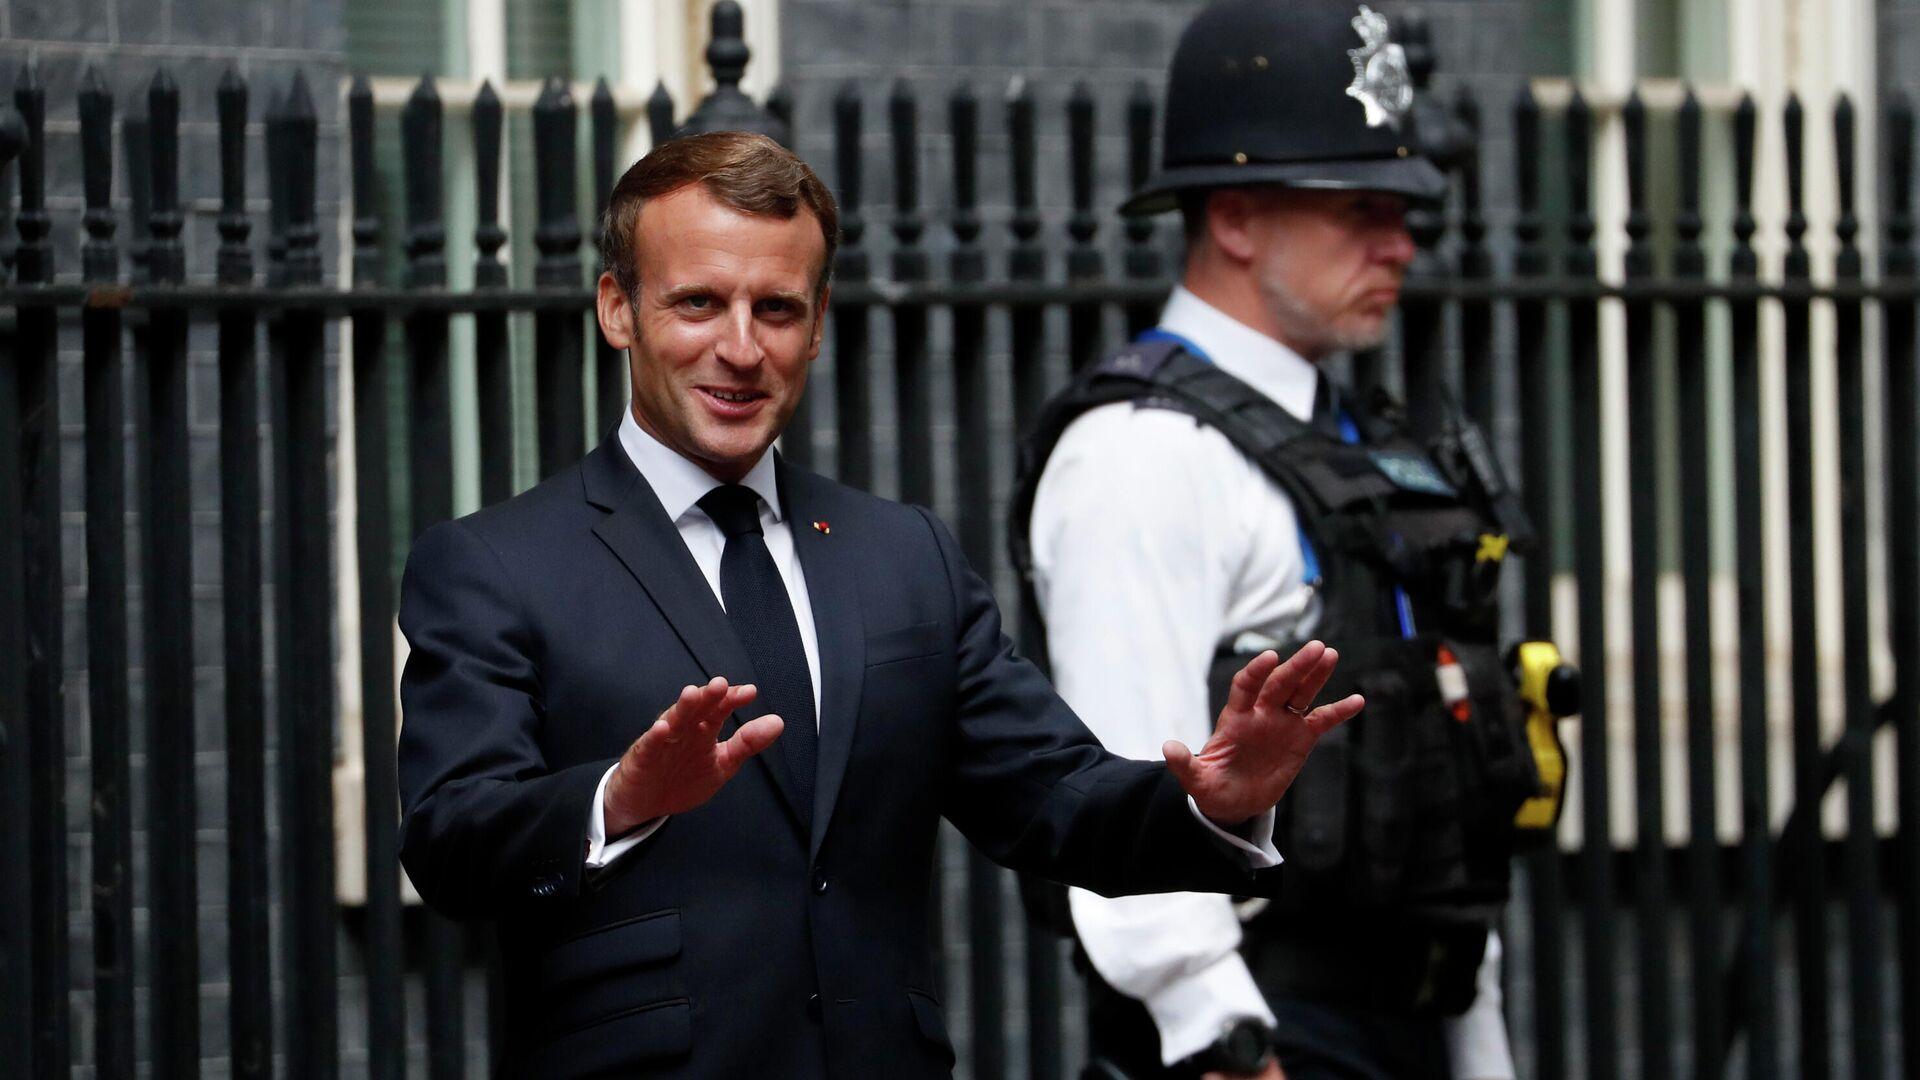 Президент Франции Эммануэль Макрон на Даунинг-стрит в Лондоне - РИА Новости, 1920, 24.09.2021